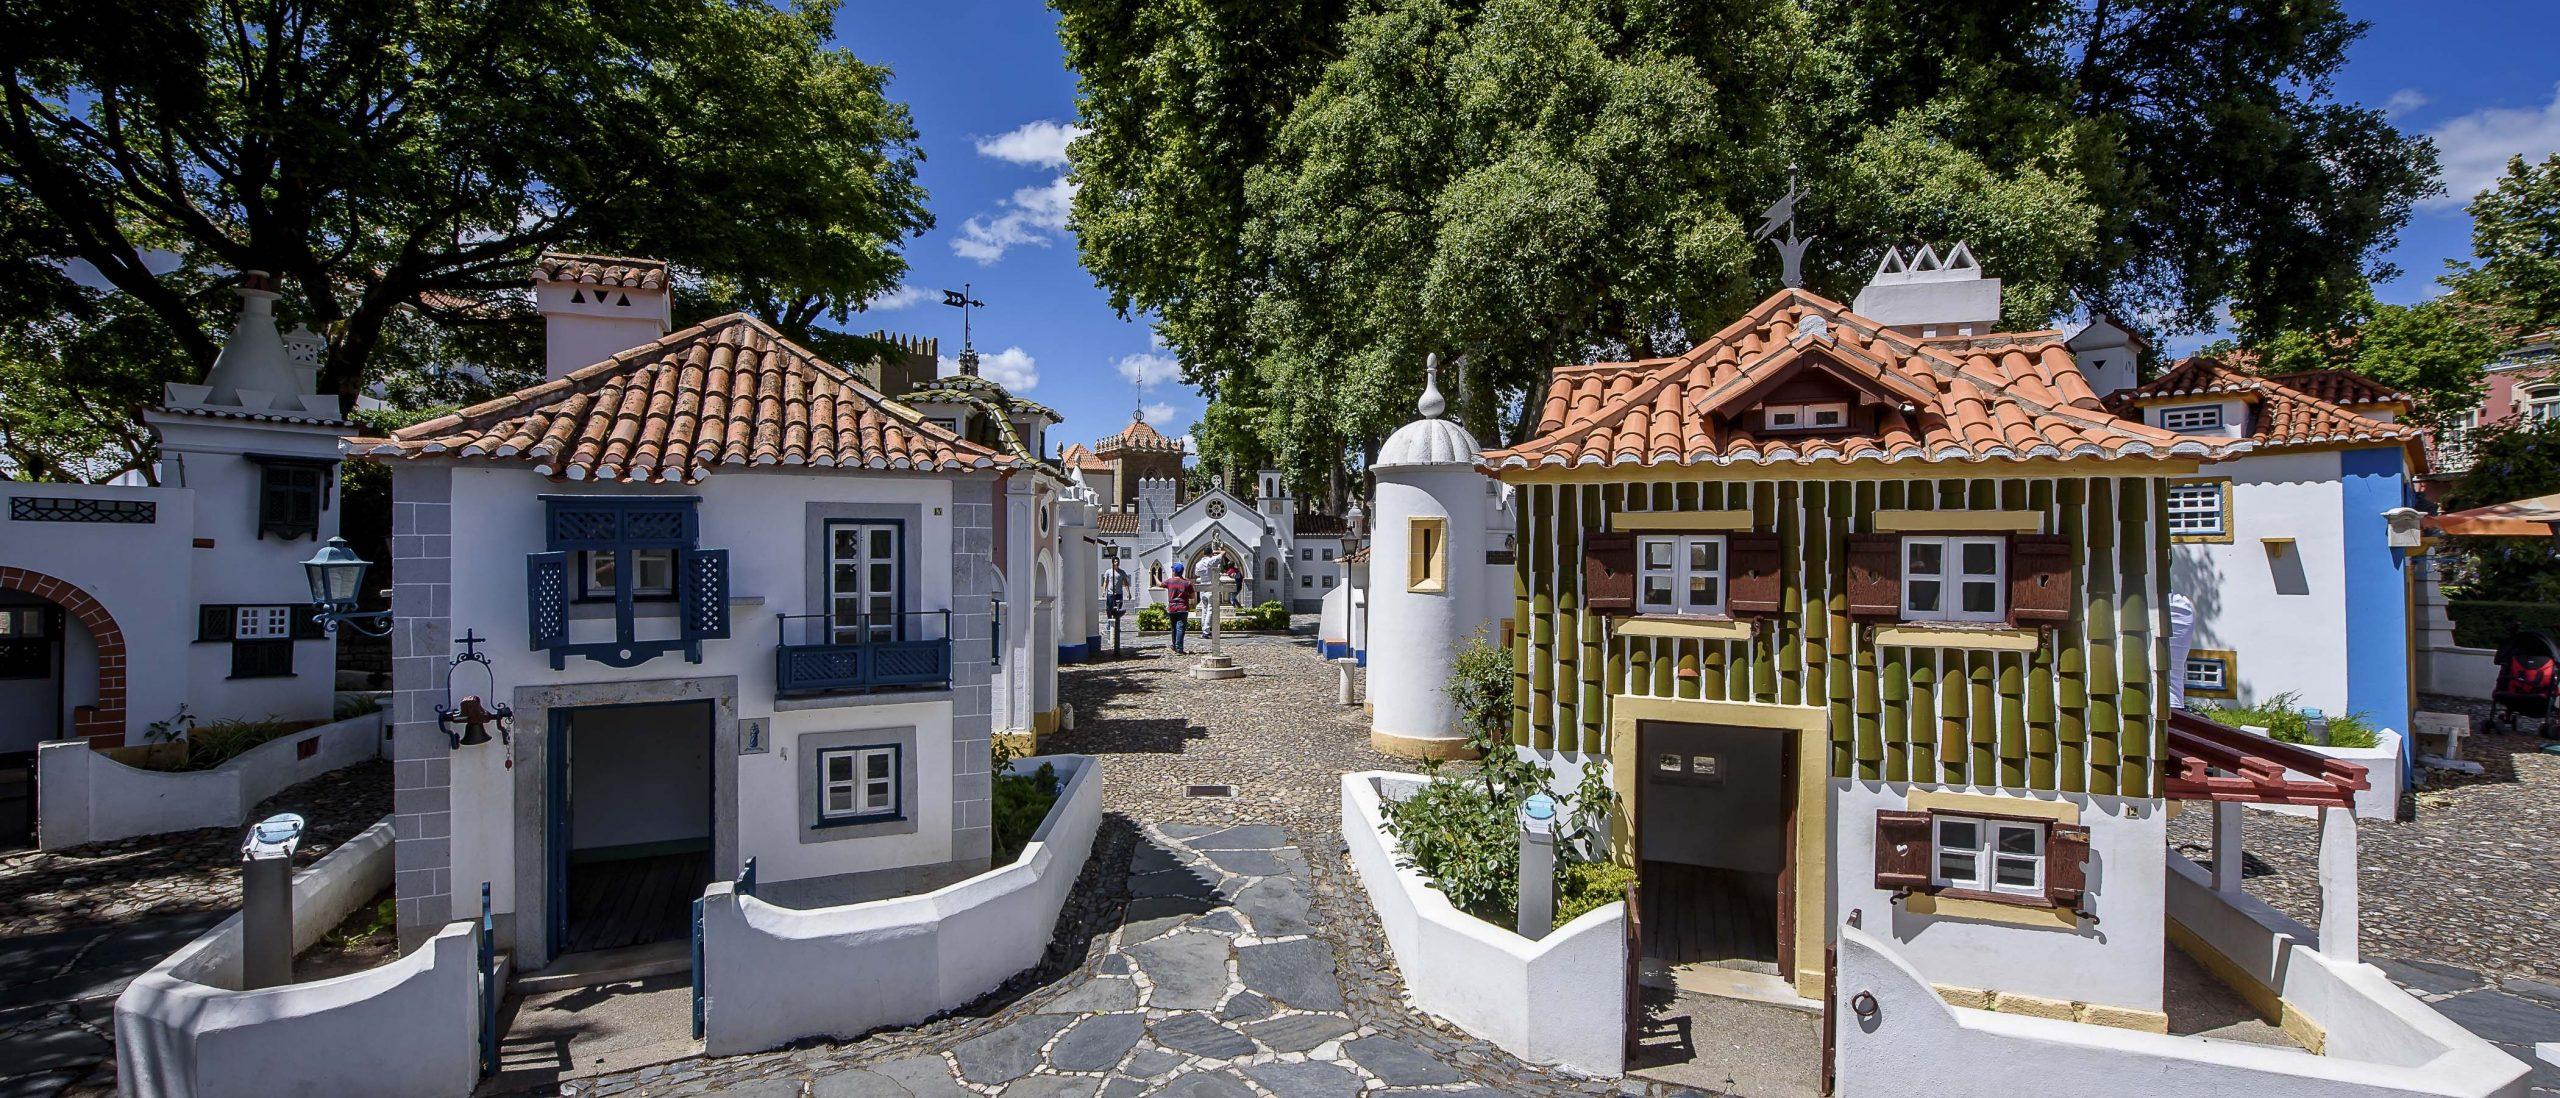 Bem vindo ao Portugal dos Pequenitos